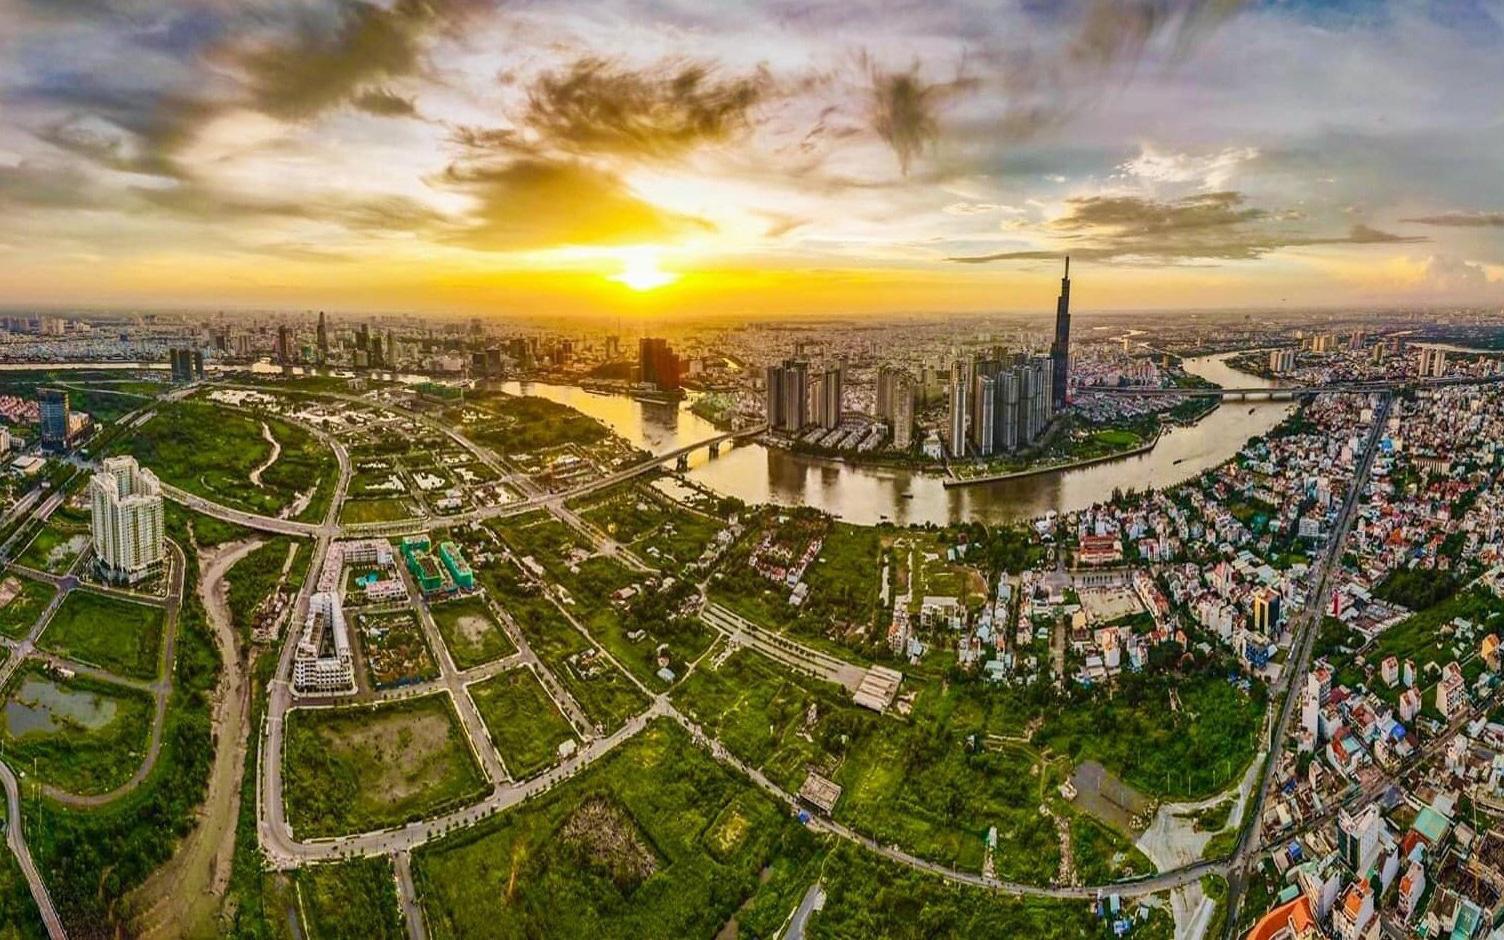 Những diễn biến trên thị trường bất động sản 2021: Bùng nổ nhiều dự án mới, giá nhà tiếp tục tăng - Ảnh 1.